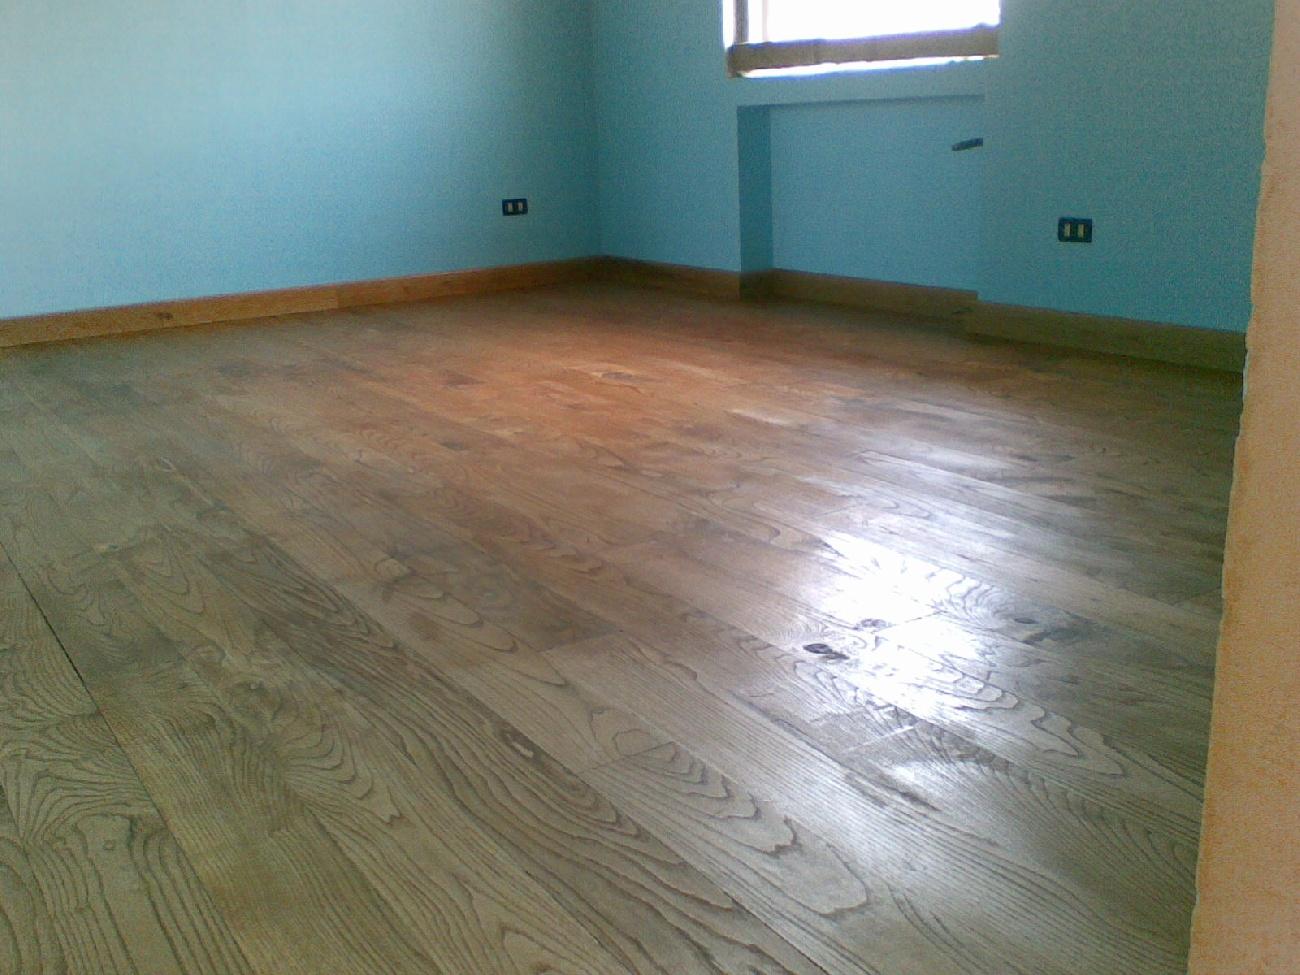 Tavole per pavimento pannelli termoisolanti for Tavole in legno bricoman